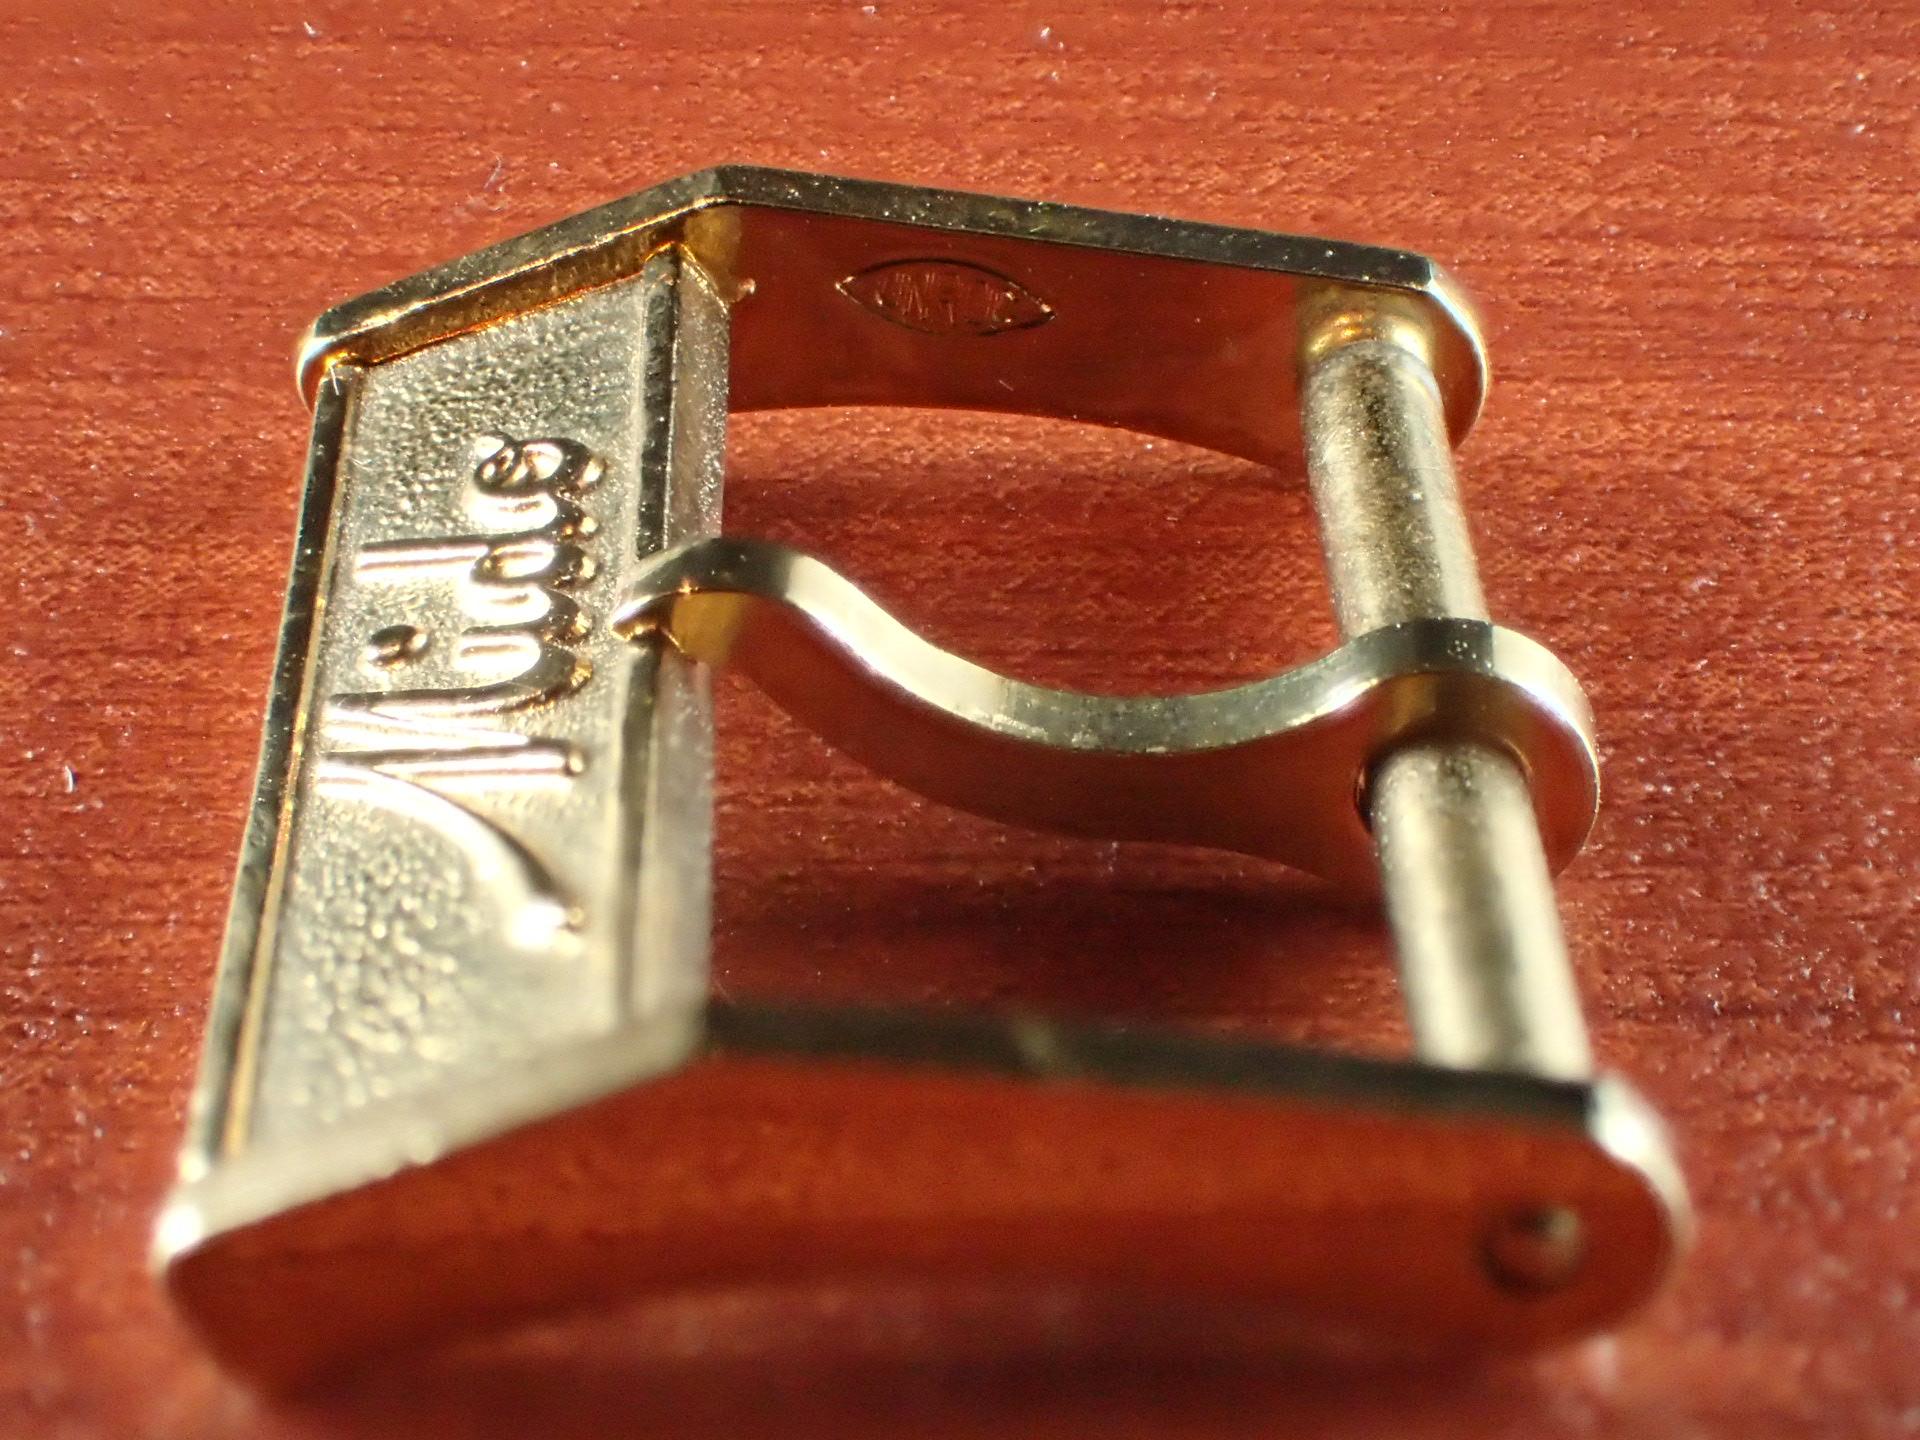 ミドー ヴィンテージ尾錠 YGF 1960-70年代の写真2枚目